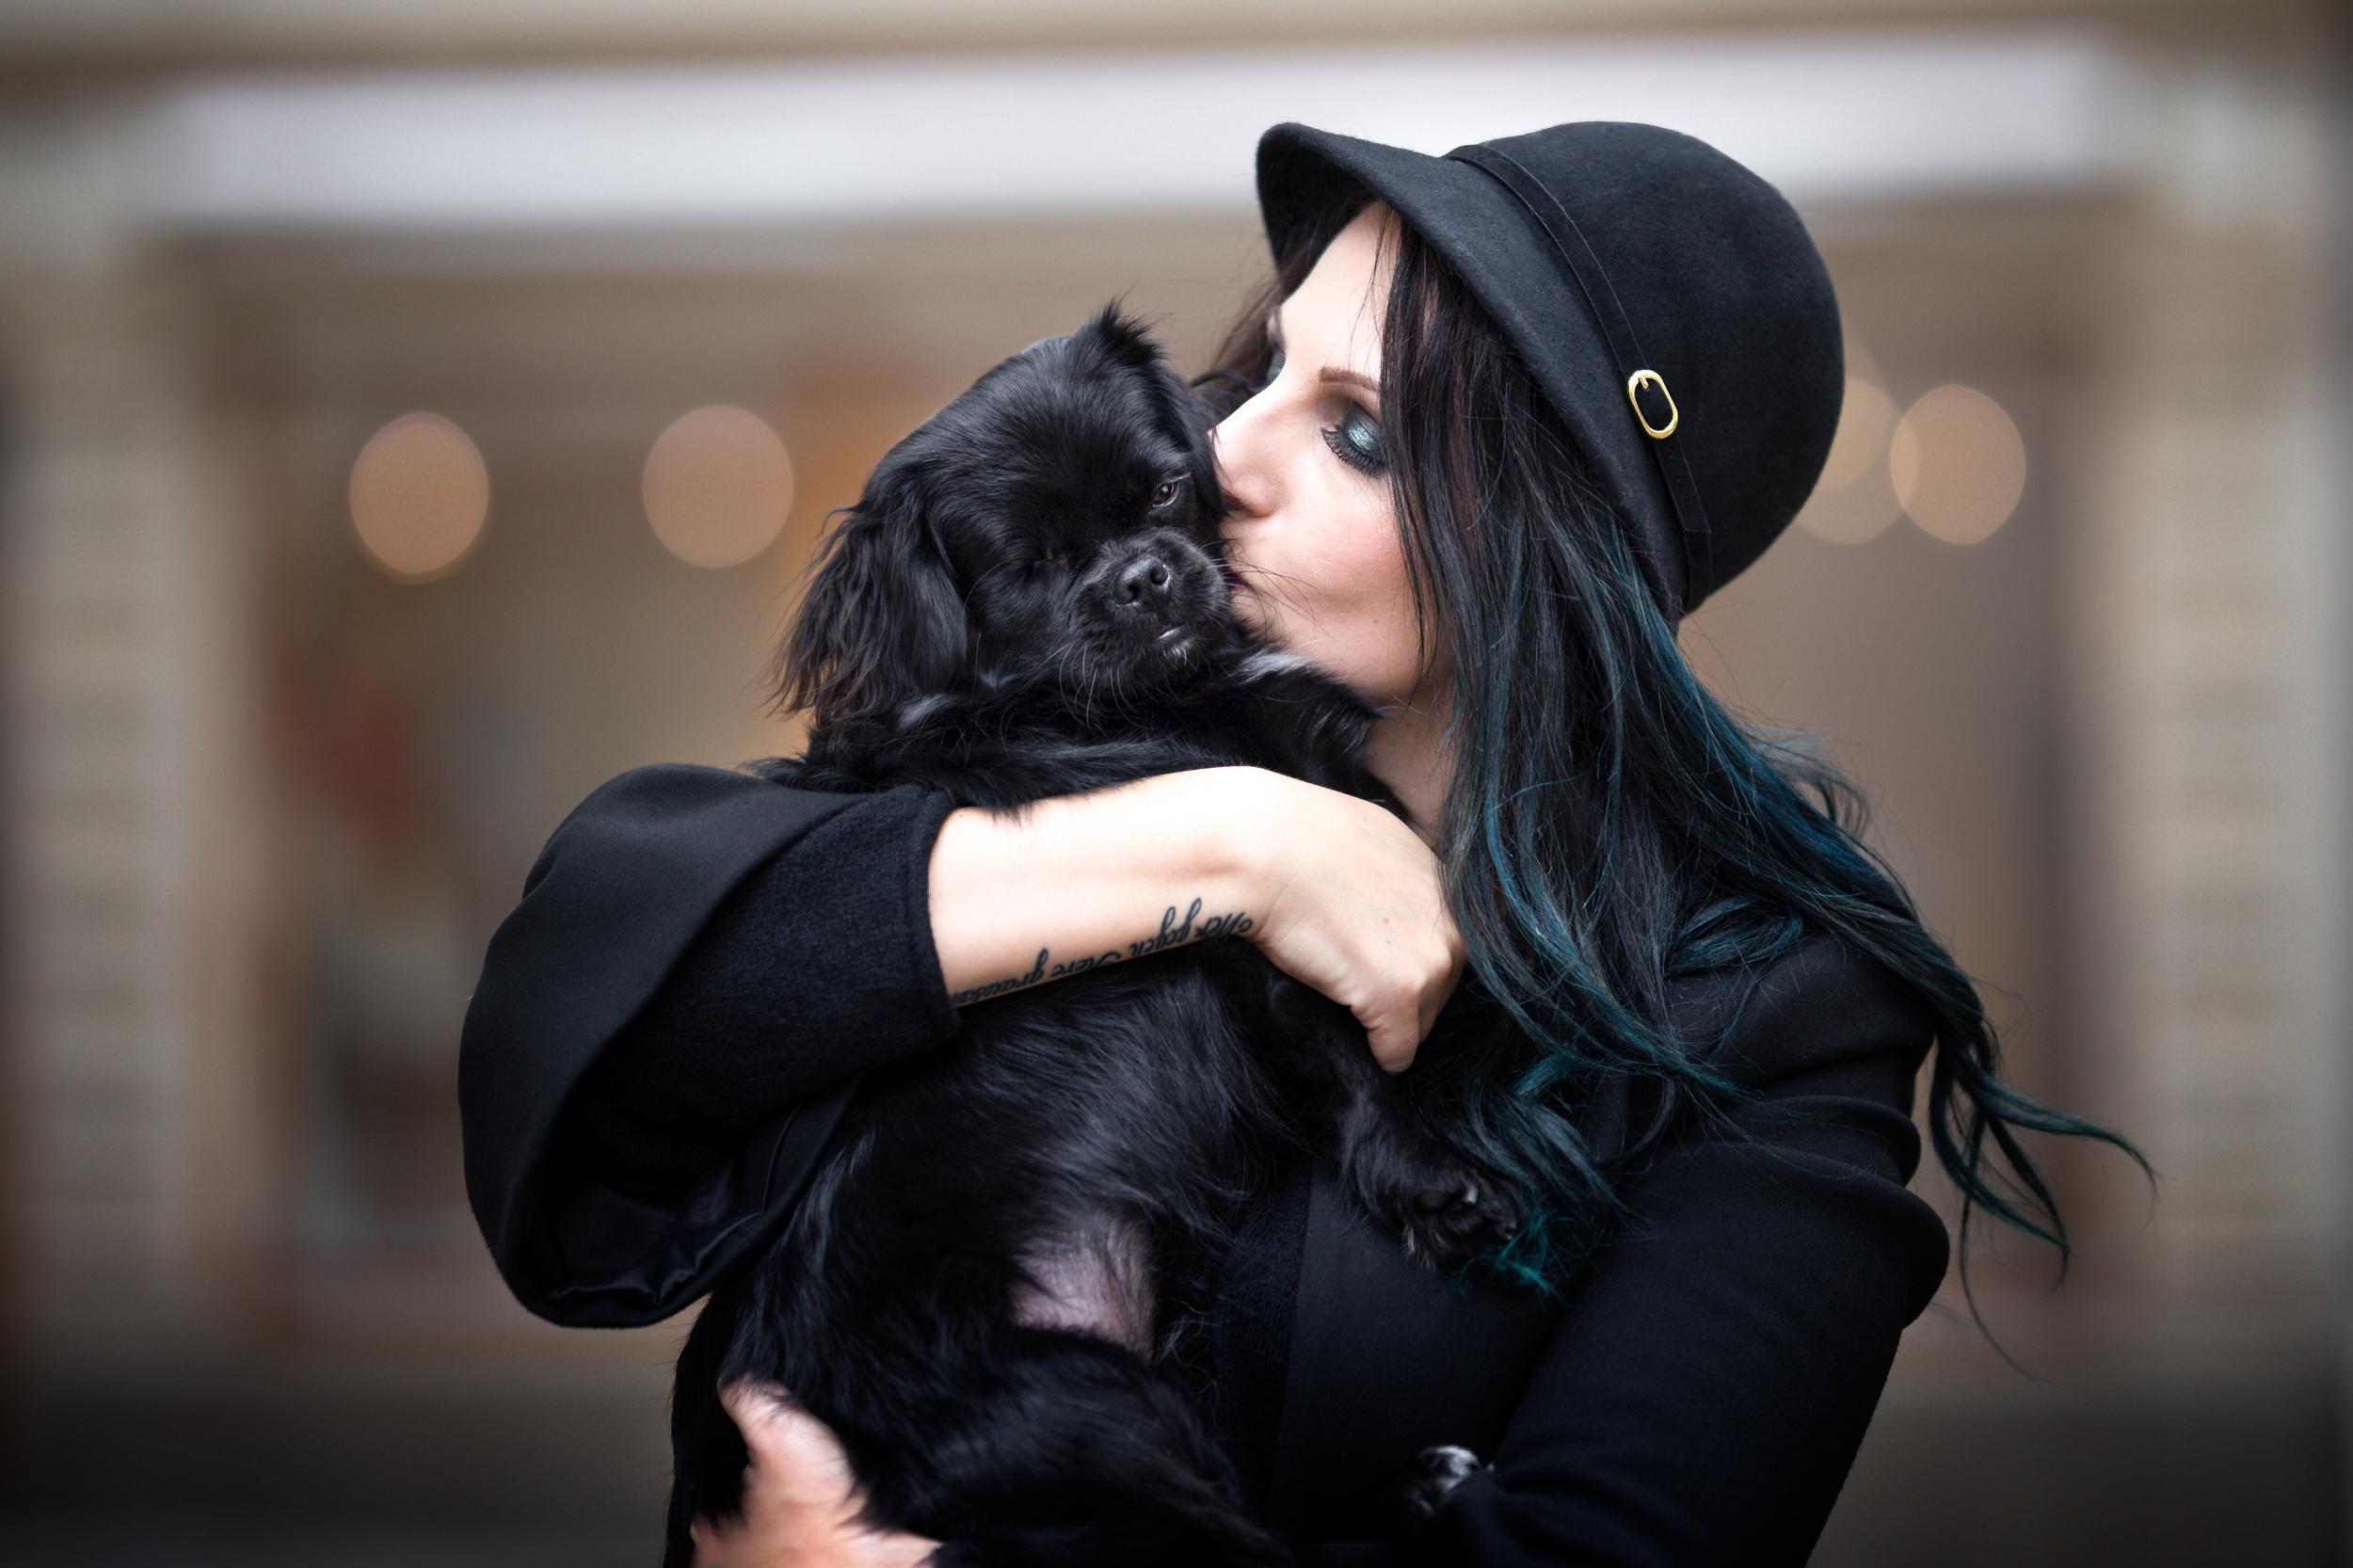 Liebe zwischen Mensch und Hund